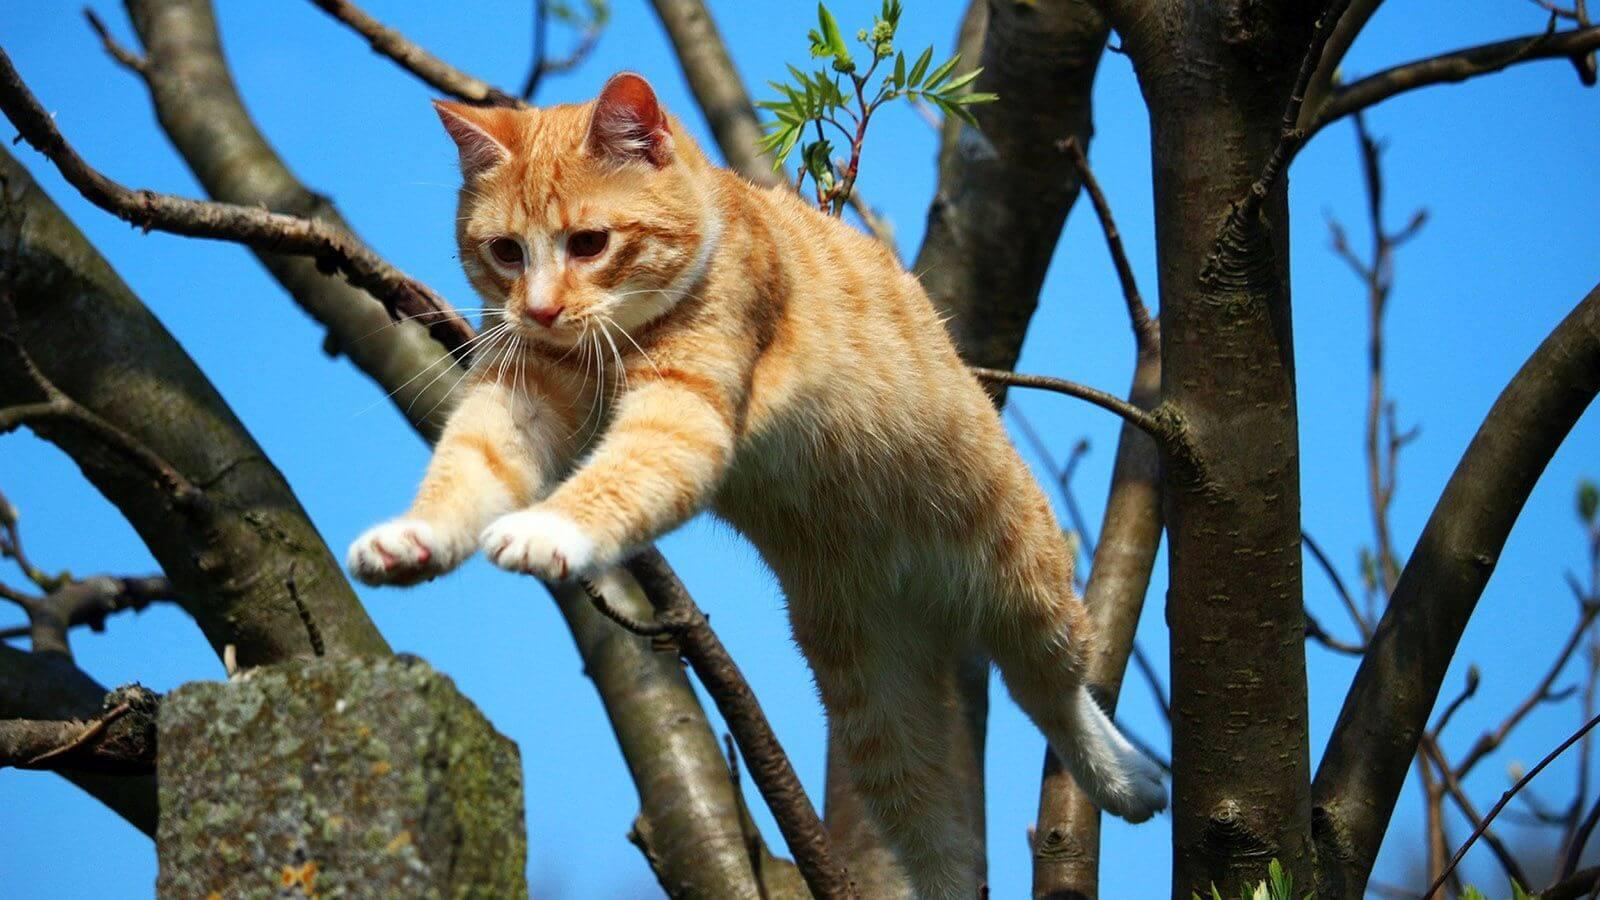 czym-moze-skonczyc-sie-upadek-kota-ze-sporej-wysokosci